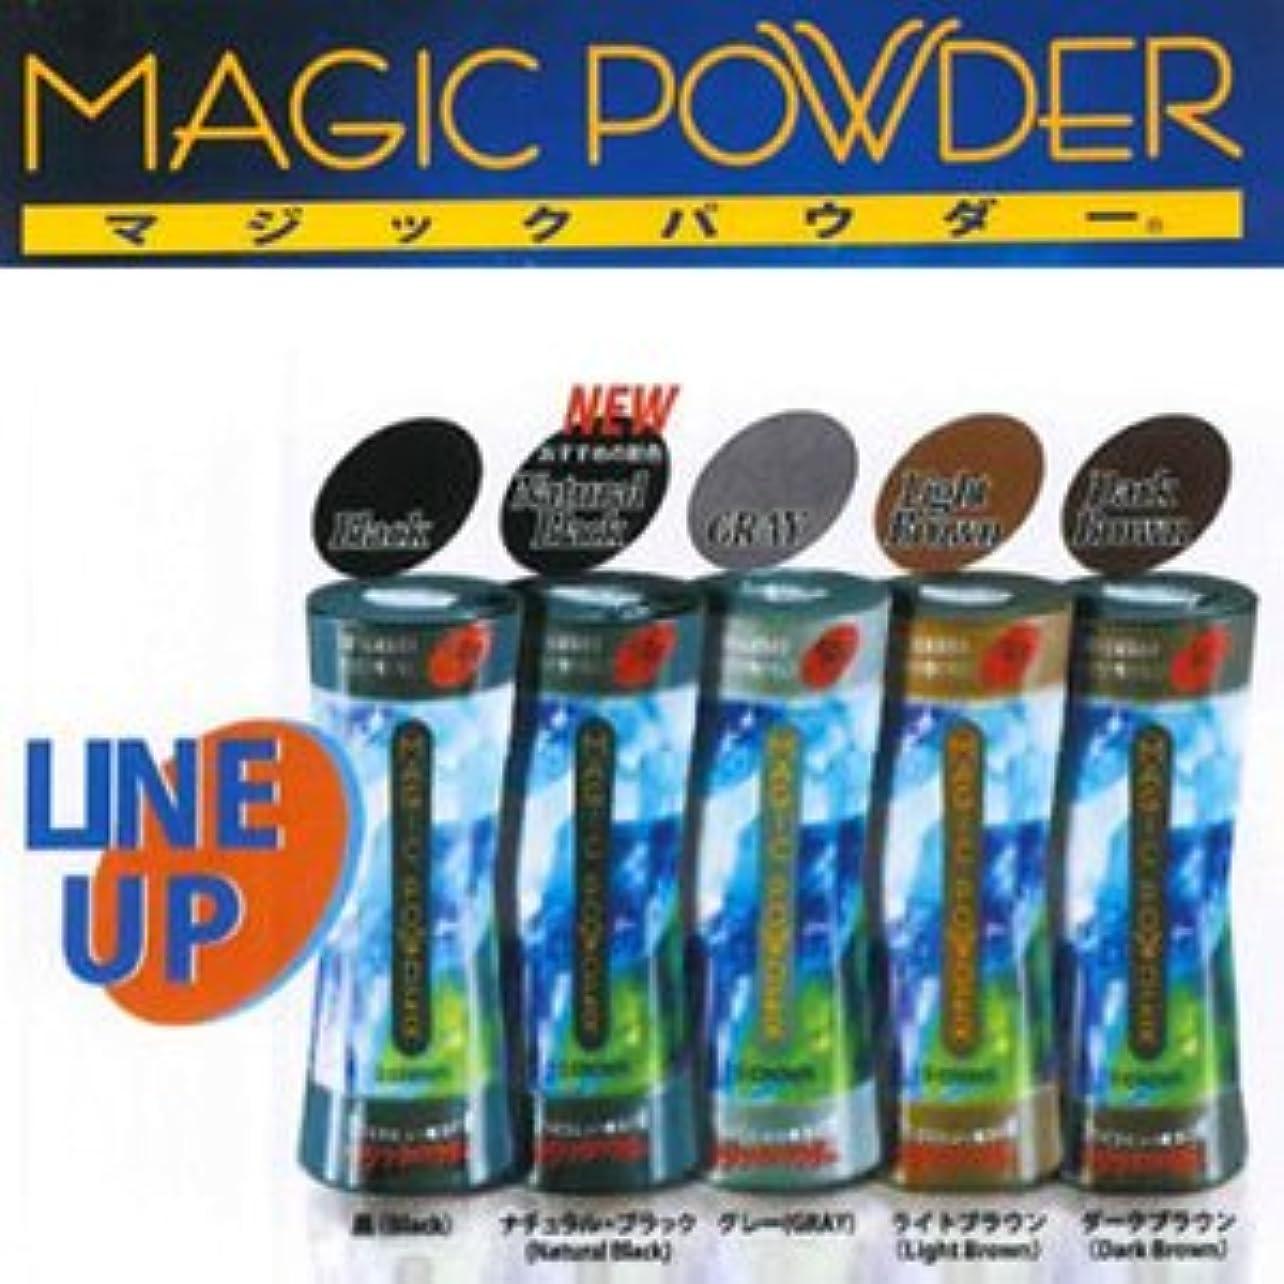 静けさ収縮経過MAGIC POWDER マジックパウダー ライトブラウン 50g 2個セット ※貴方の髪を簡単ボリュームアップ!